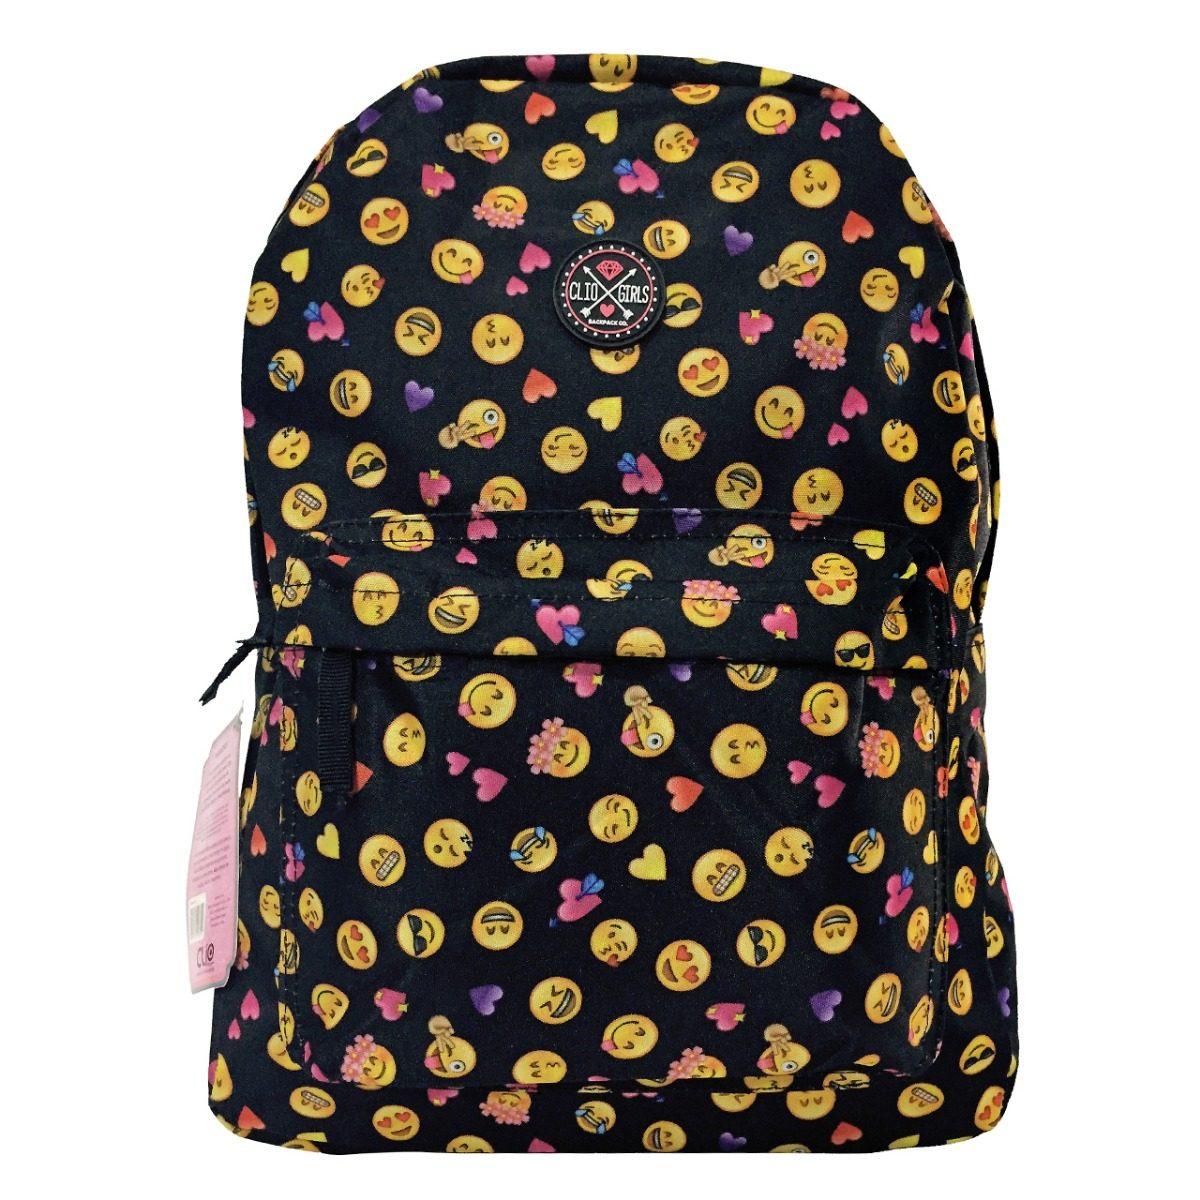 3b01dc9c9 mochila escolar juvenil preta emoji emoticon promoção. Carregando zoom.